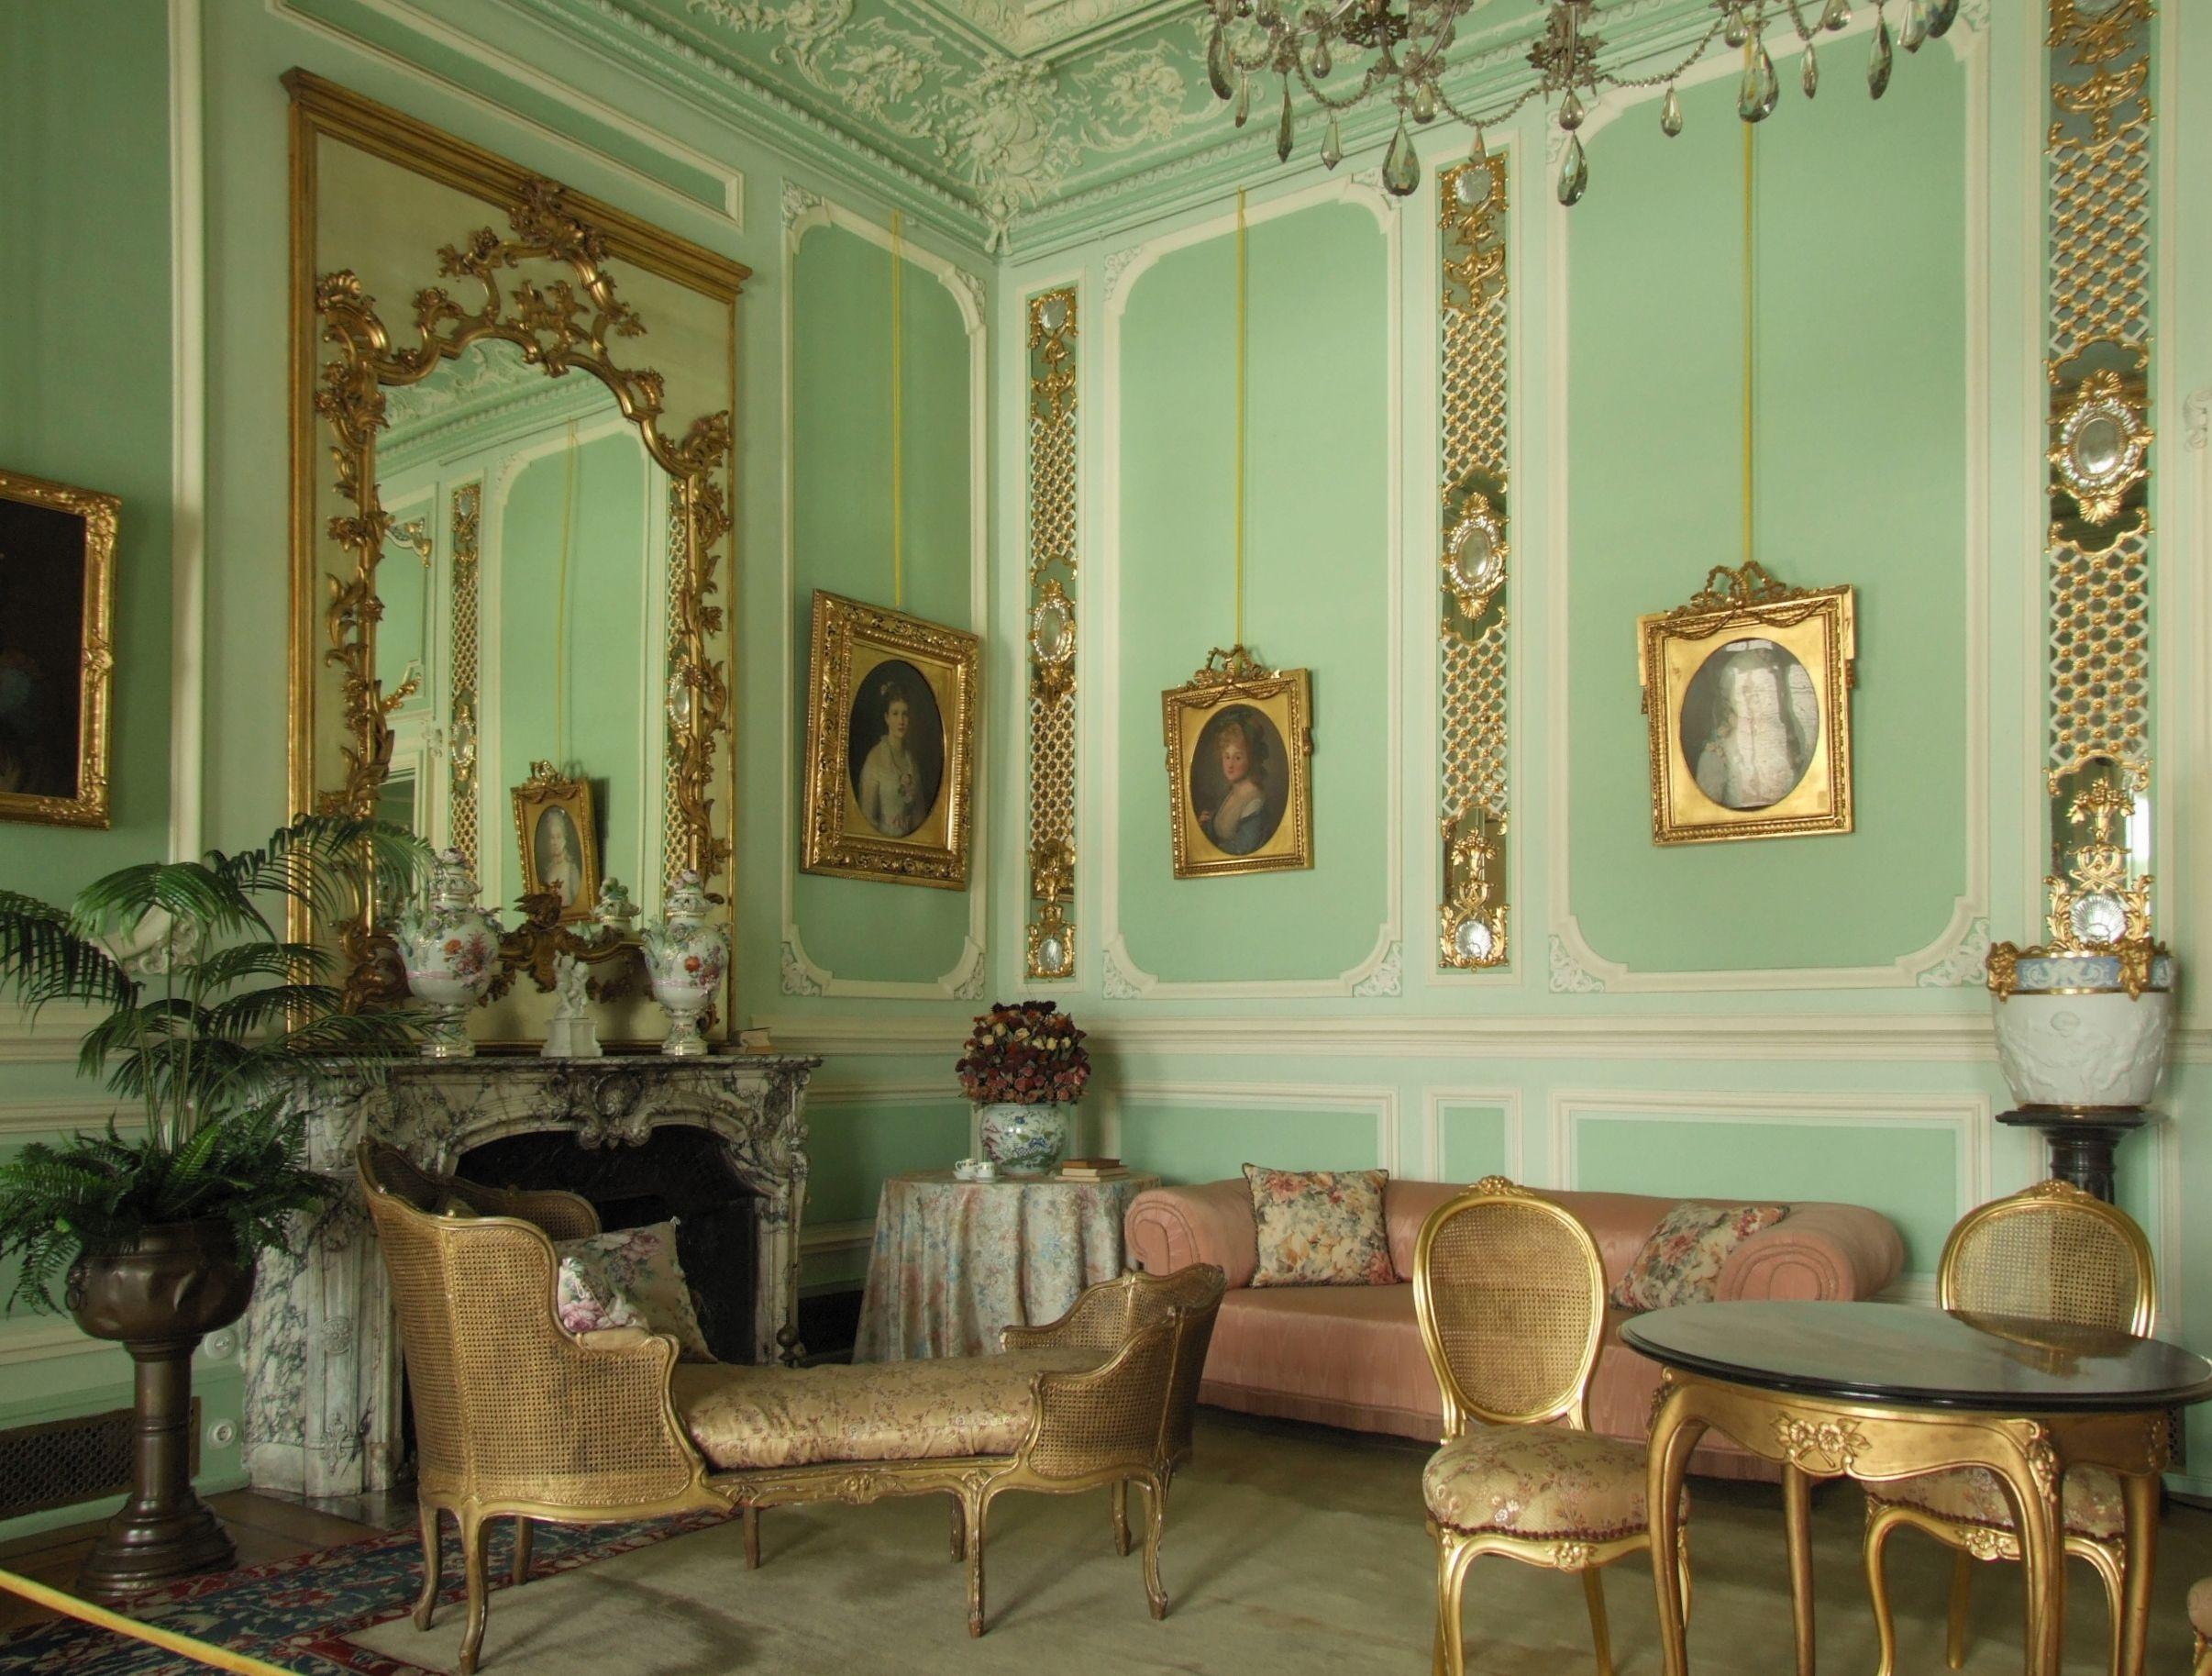 Salon Zielony - Pałac w Pszczynie, Polska